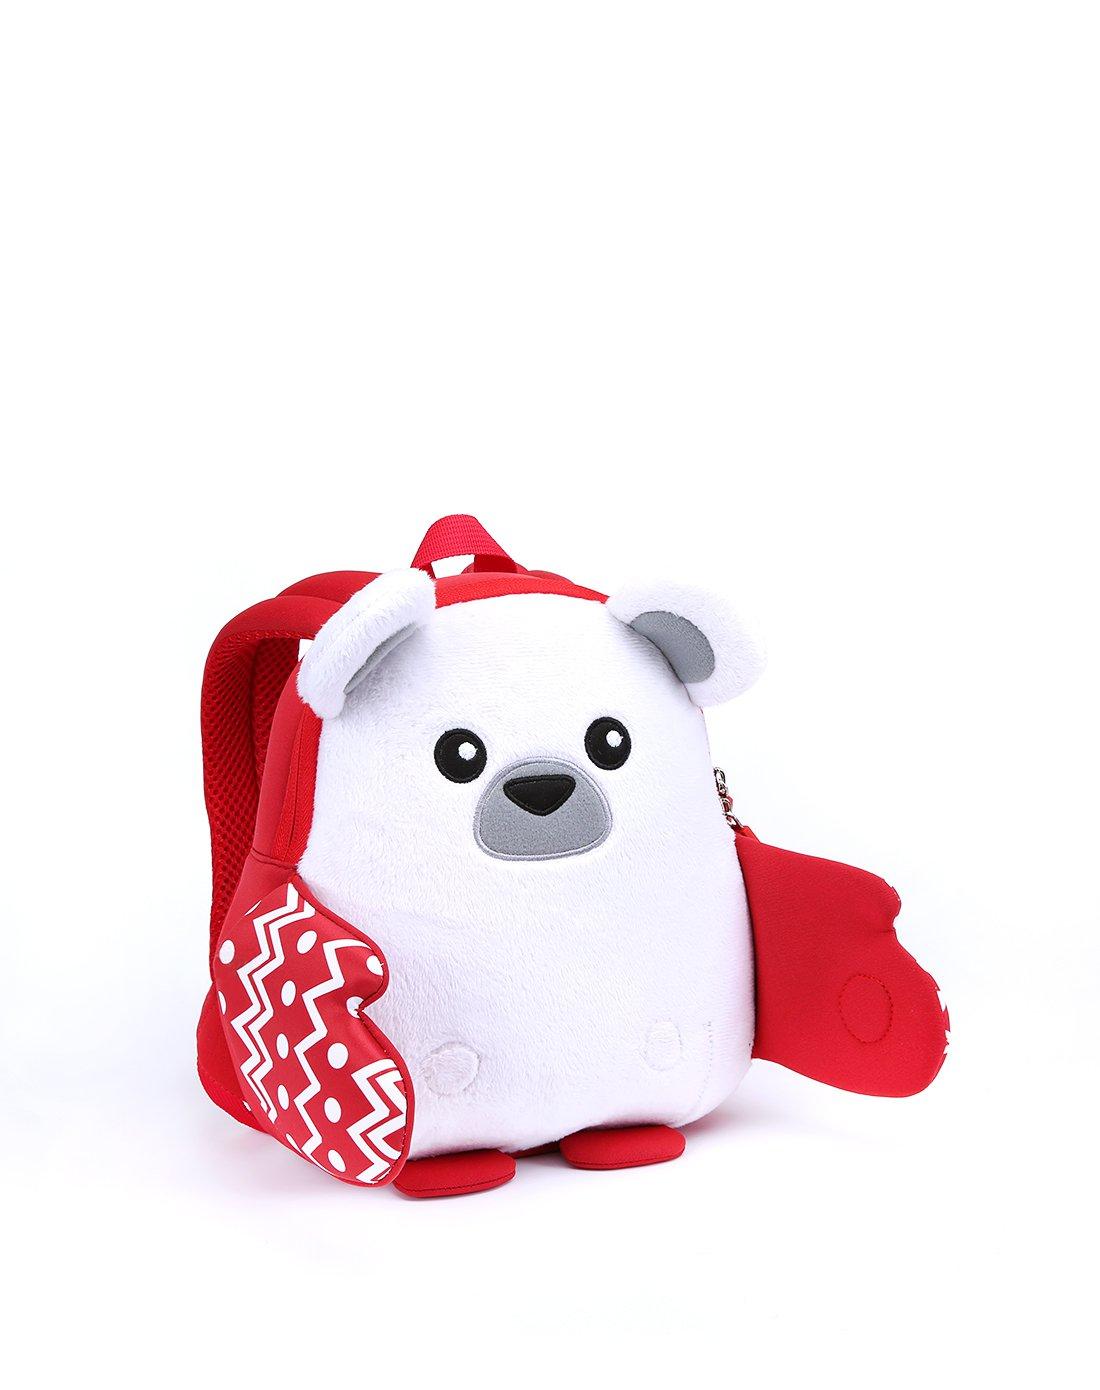 诺狐1-4岁超轻防水圣诞北极熊暖手v男女男女电影儿童园背包湾海豚4k图片